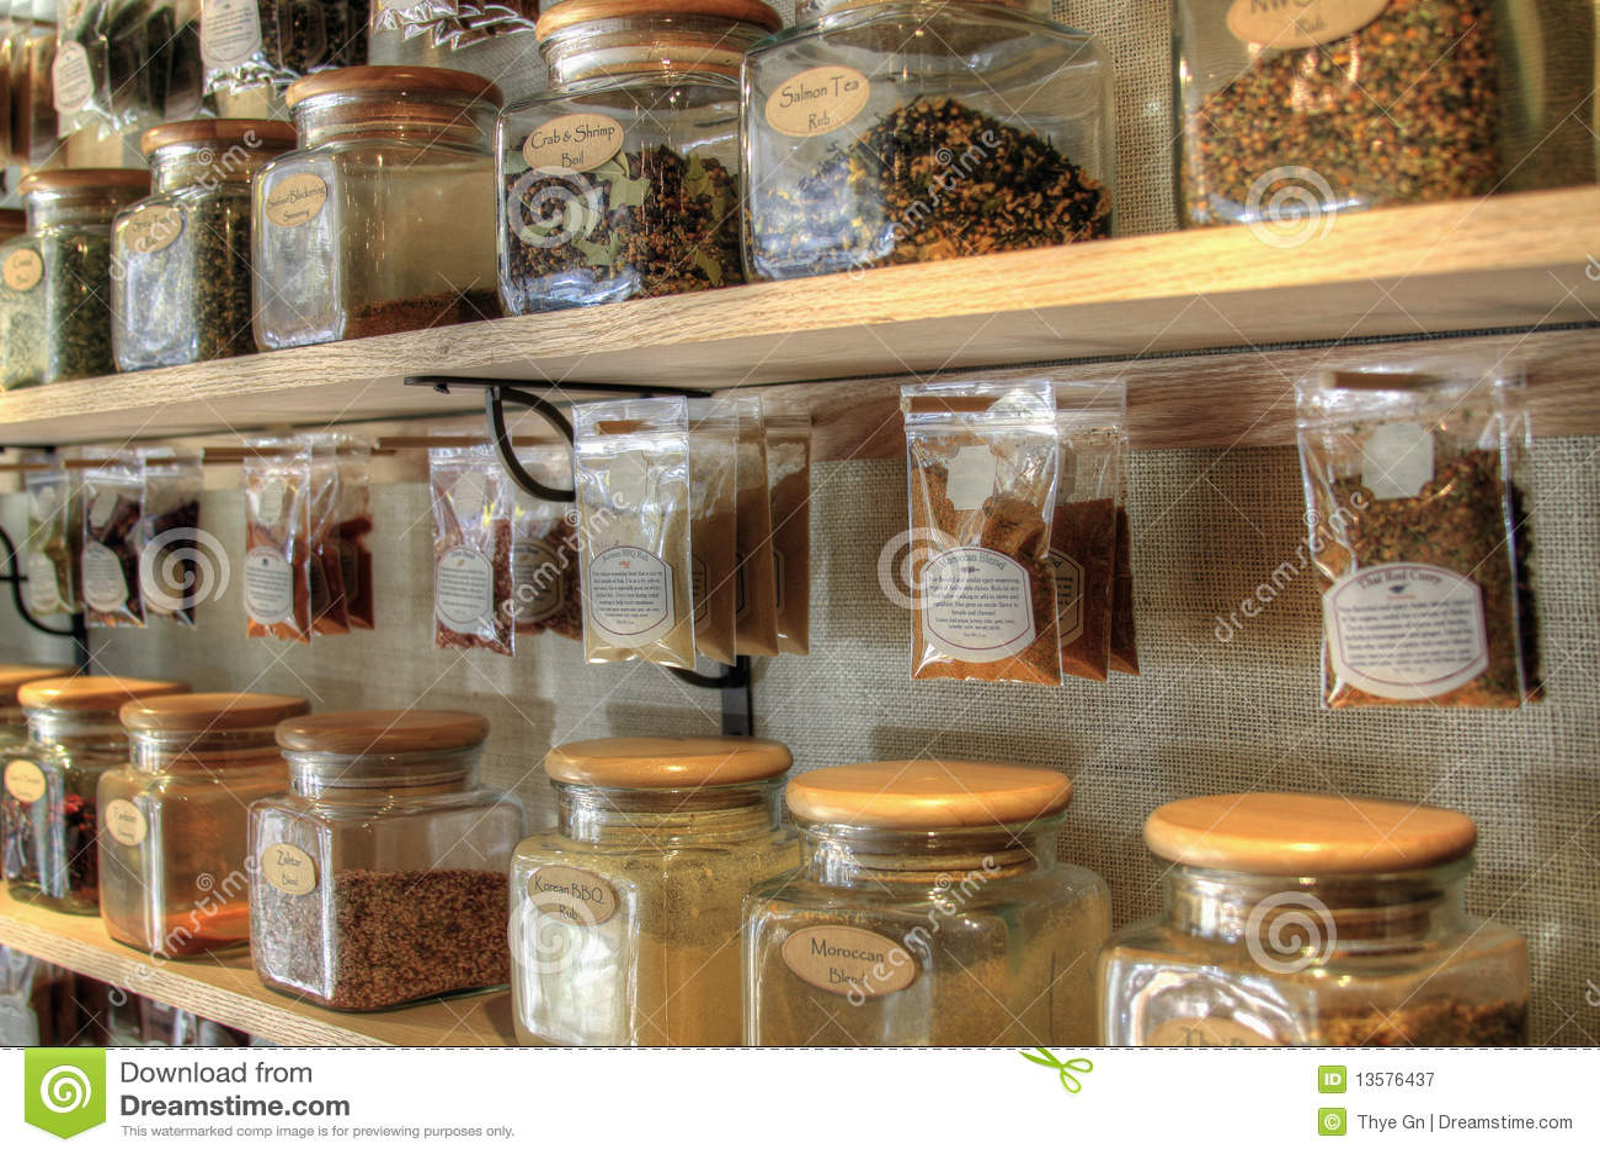 Especias para cocinar for Objetos para cocinar